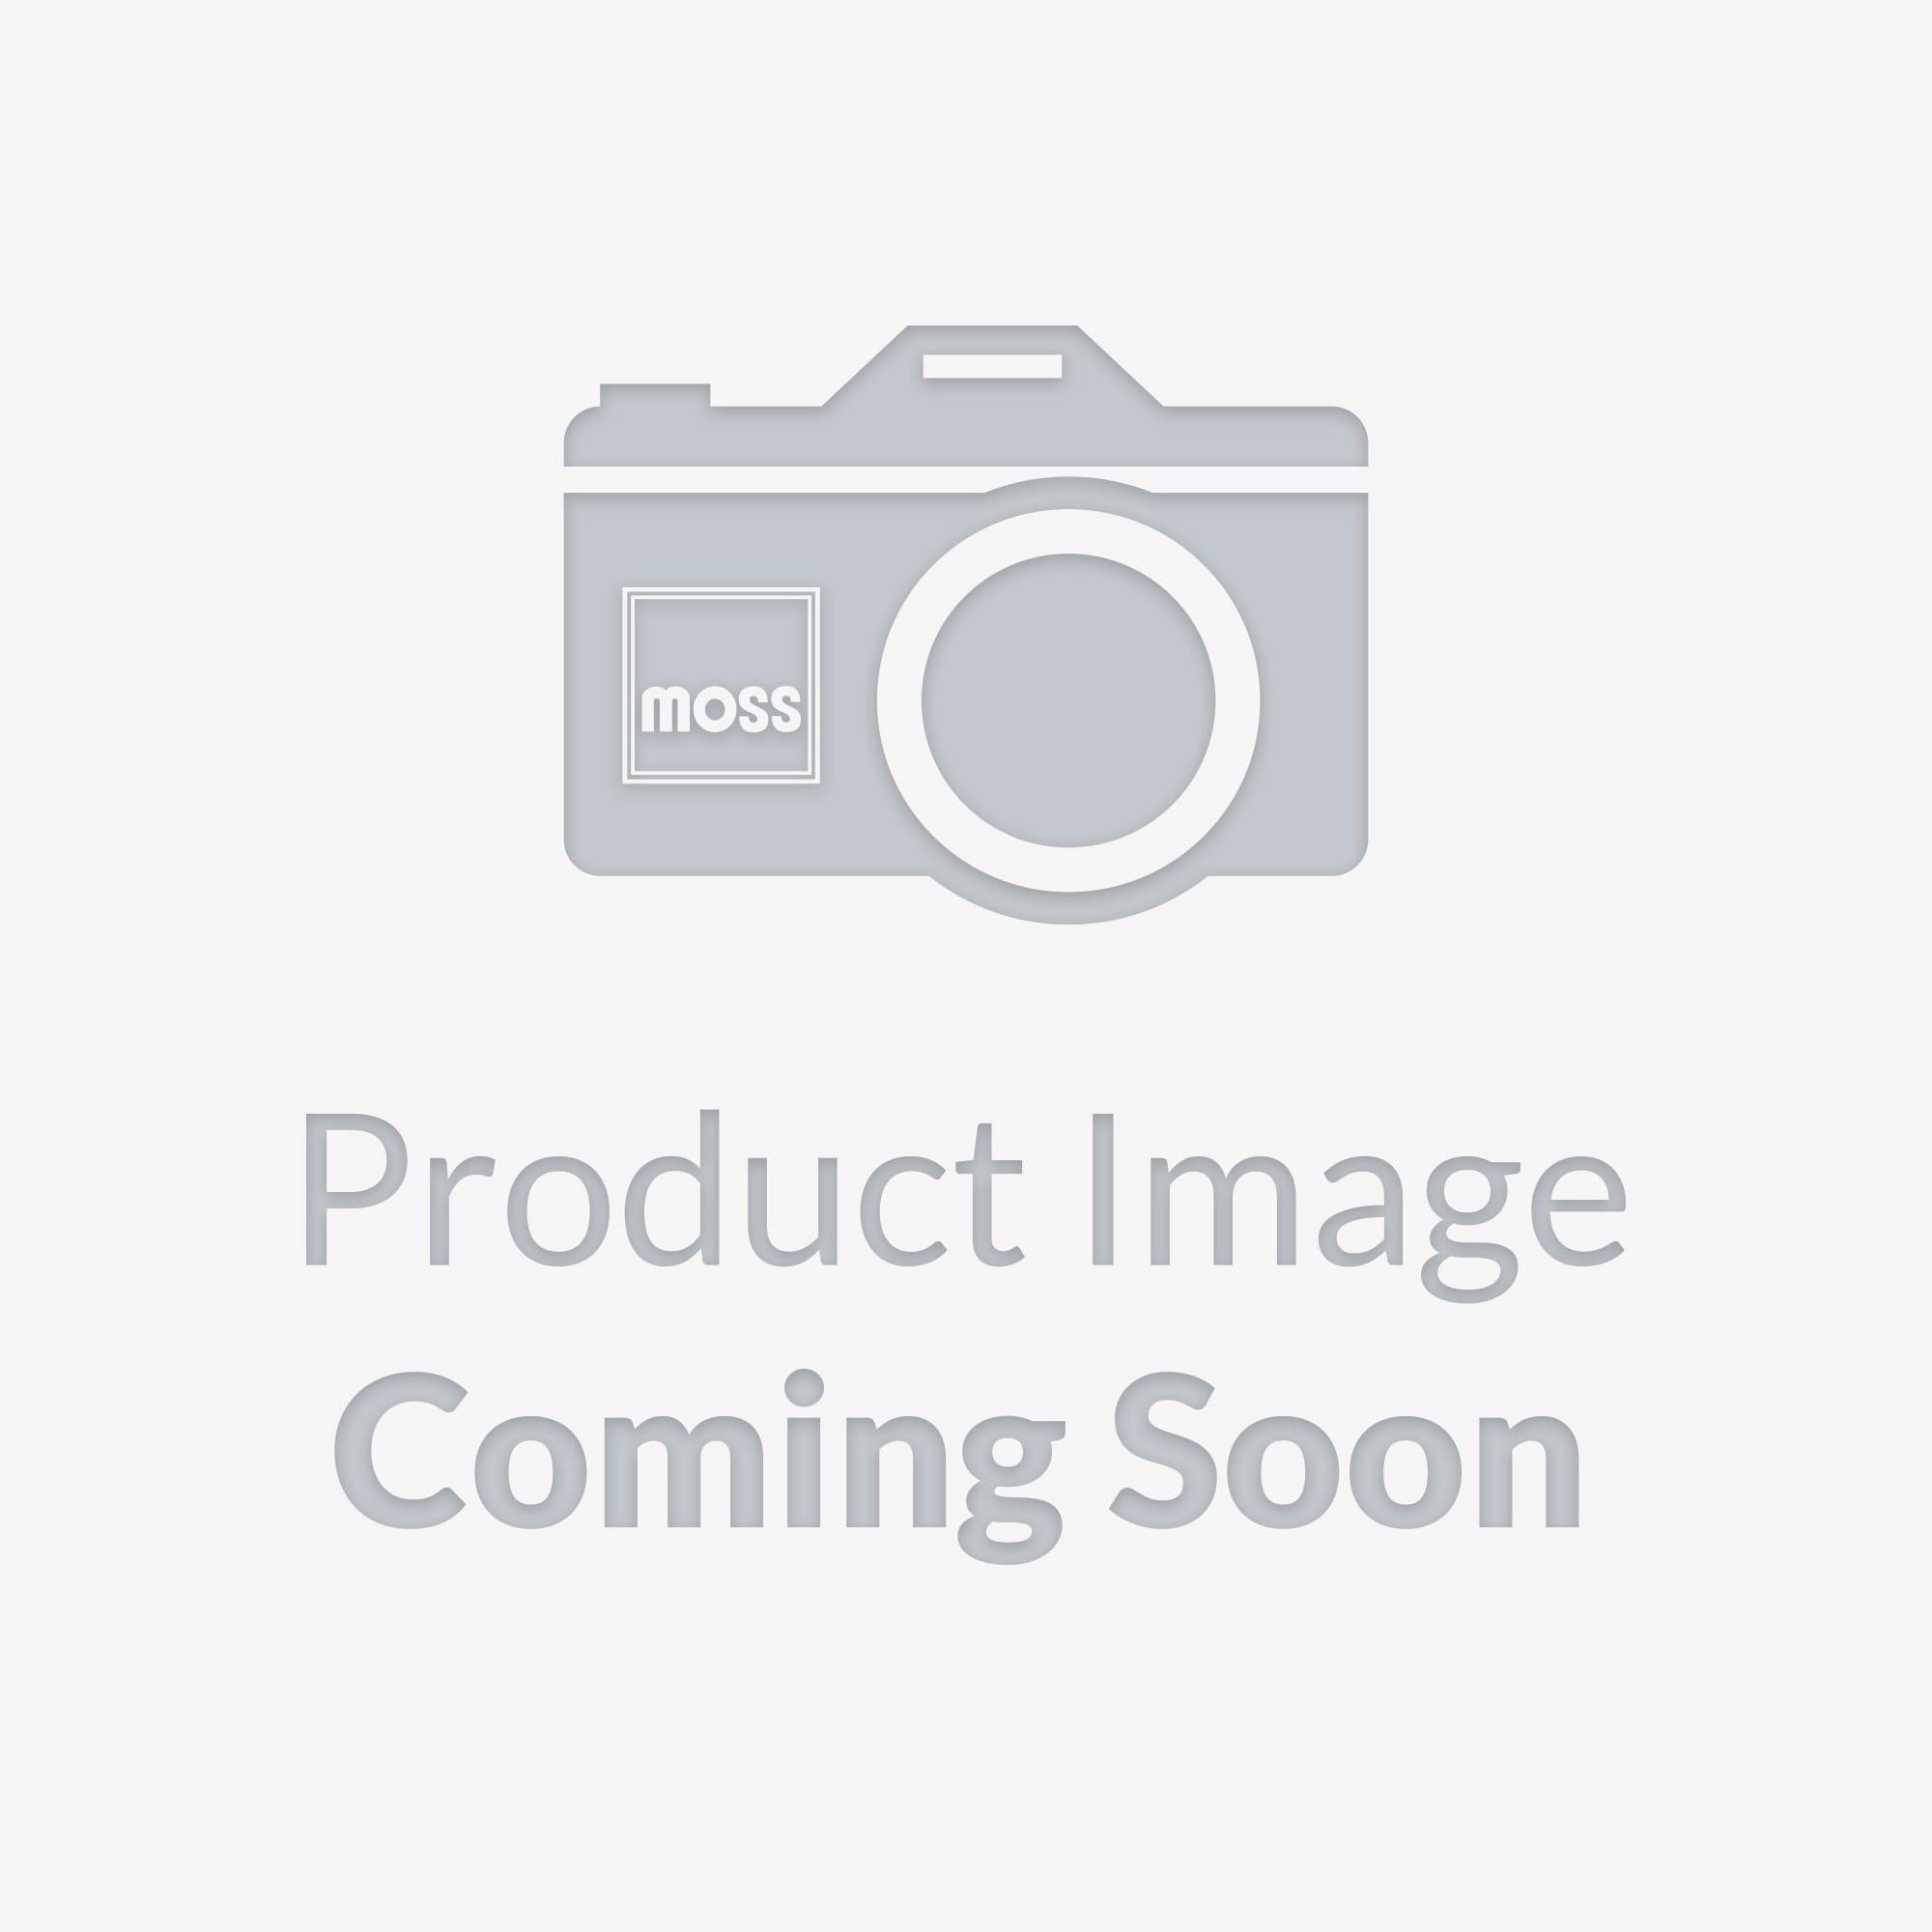 225 306 Sae 90 Gl4 Gear Oil By Dynolite Moss Motors